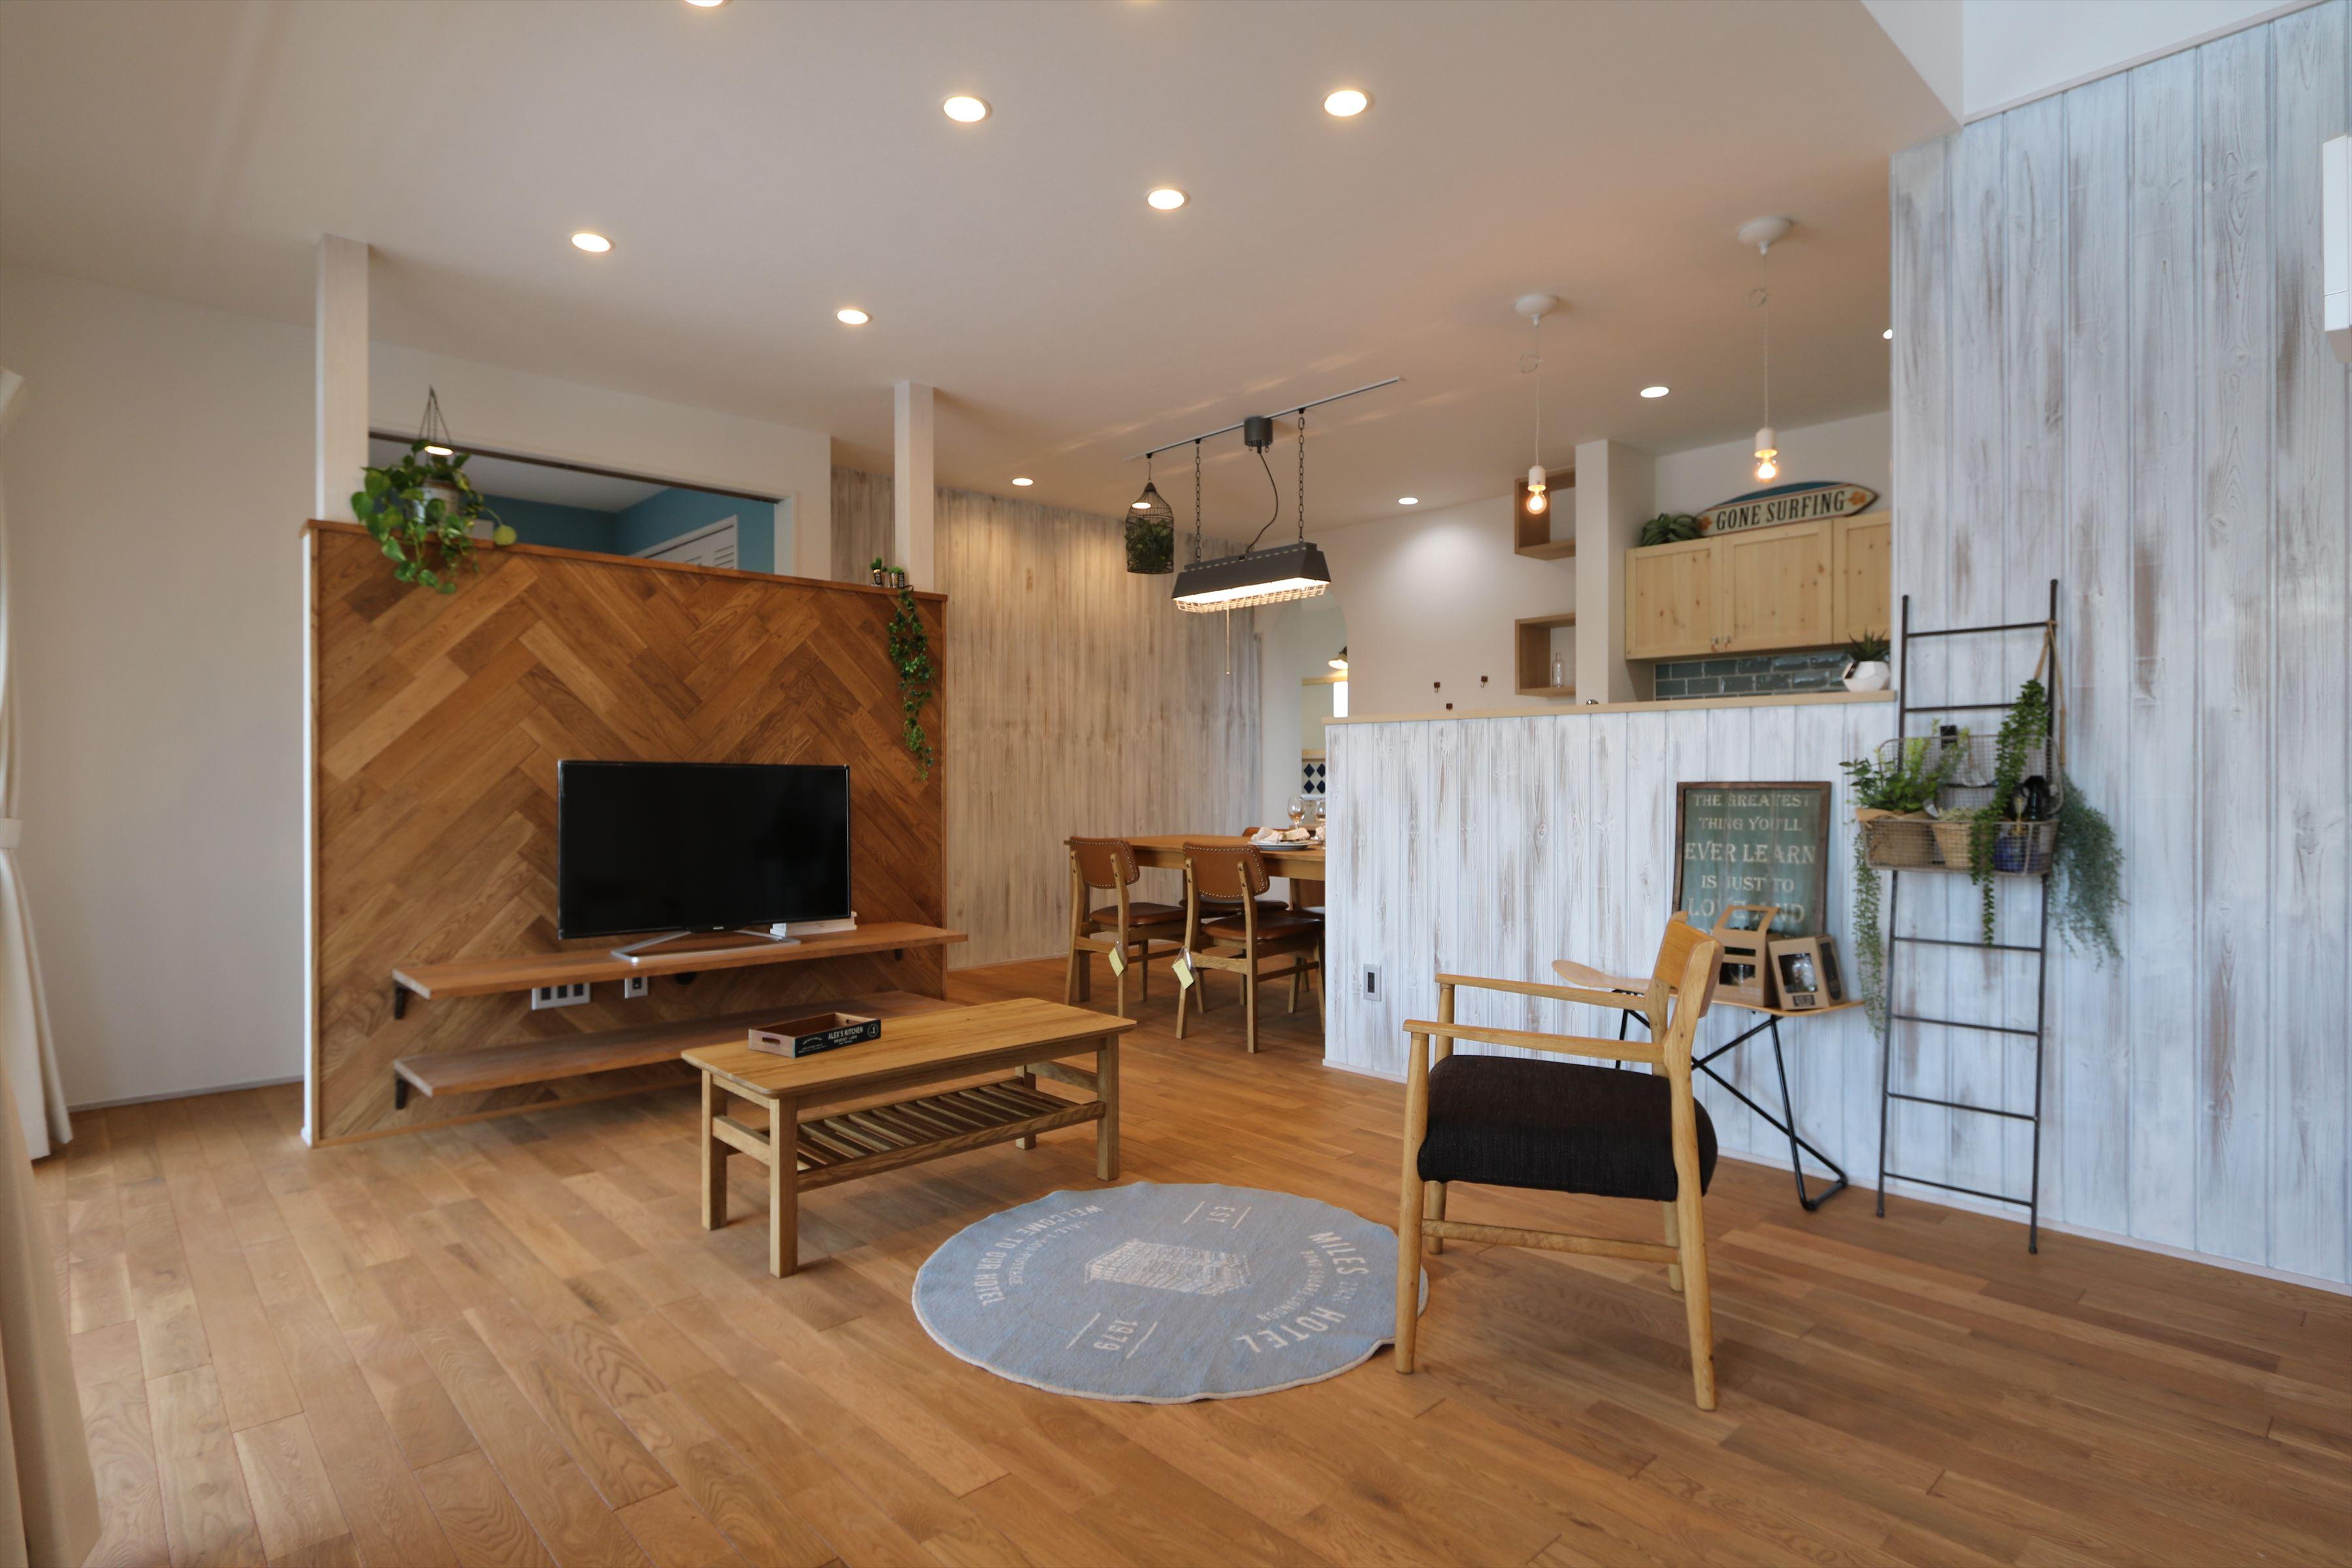 施工事例過去|のんびりと過ごすアメリカンスタイル|石川県金沢市の注文住宅・デザイン性・新築の家・戸建て|E-HOUSE